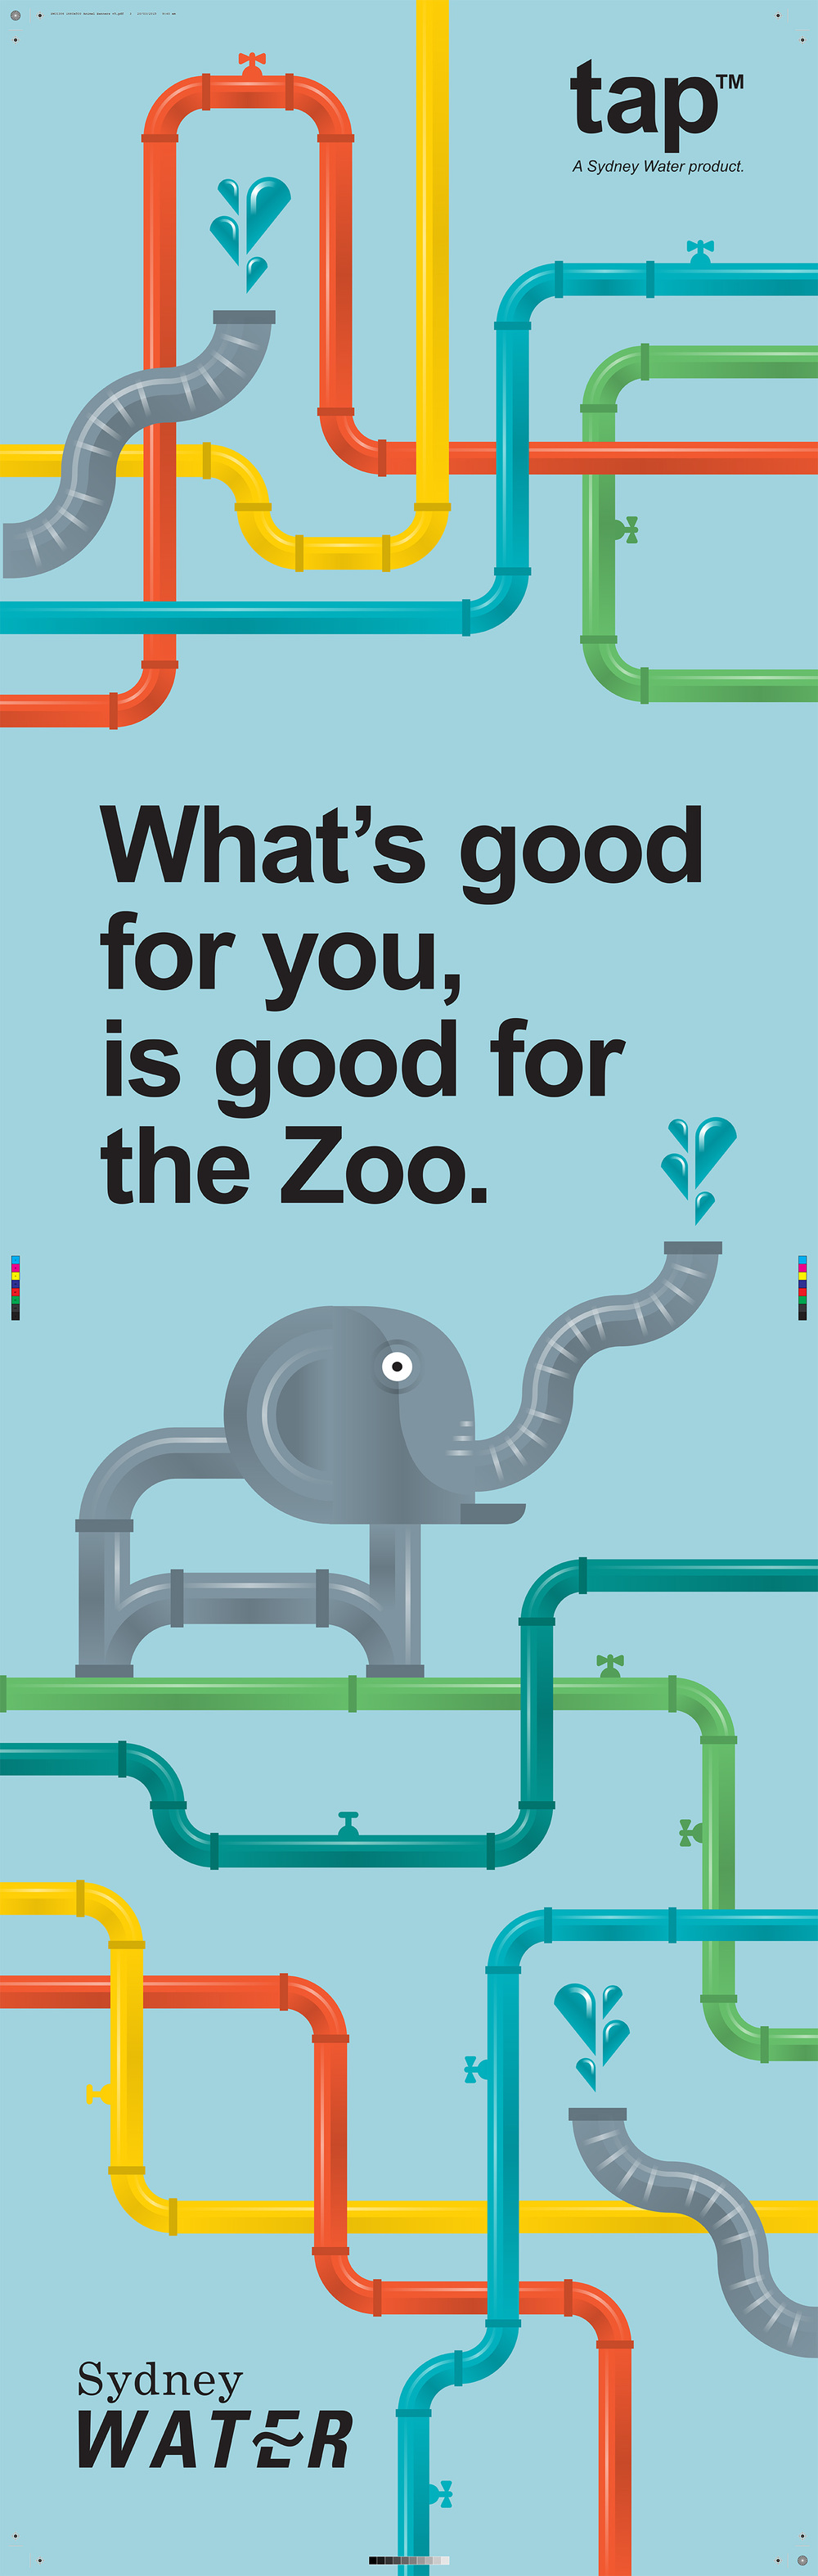 sydneywater-zoo-04.jpg